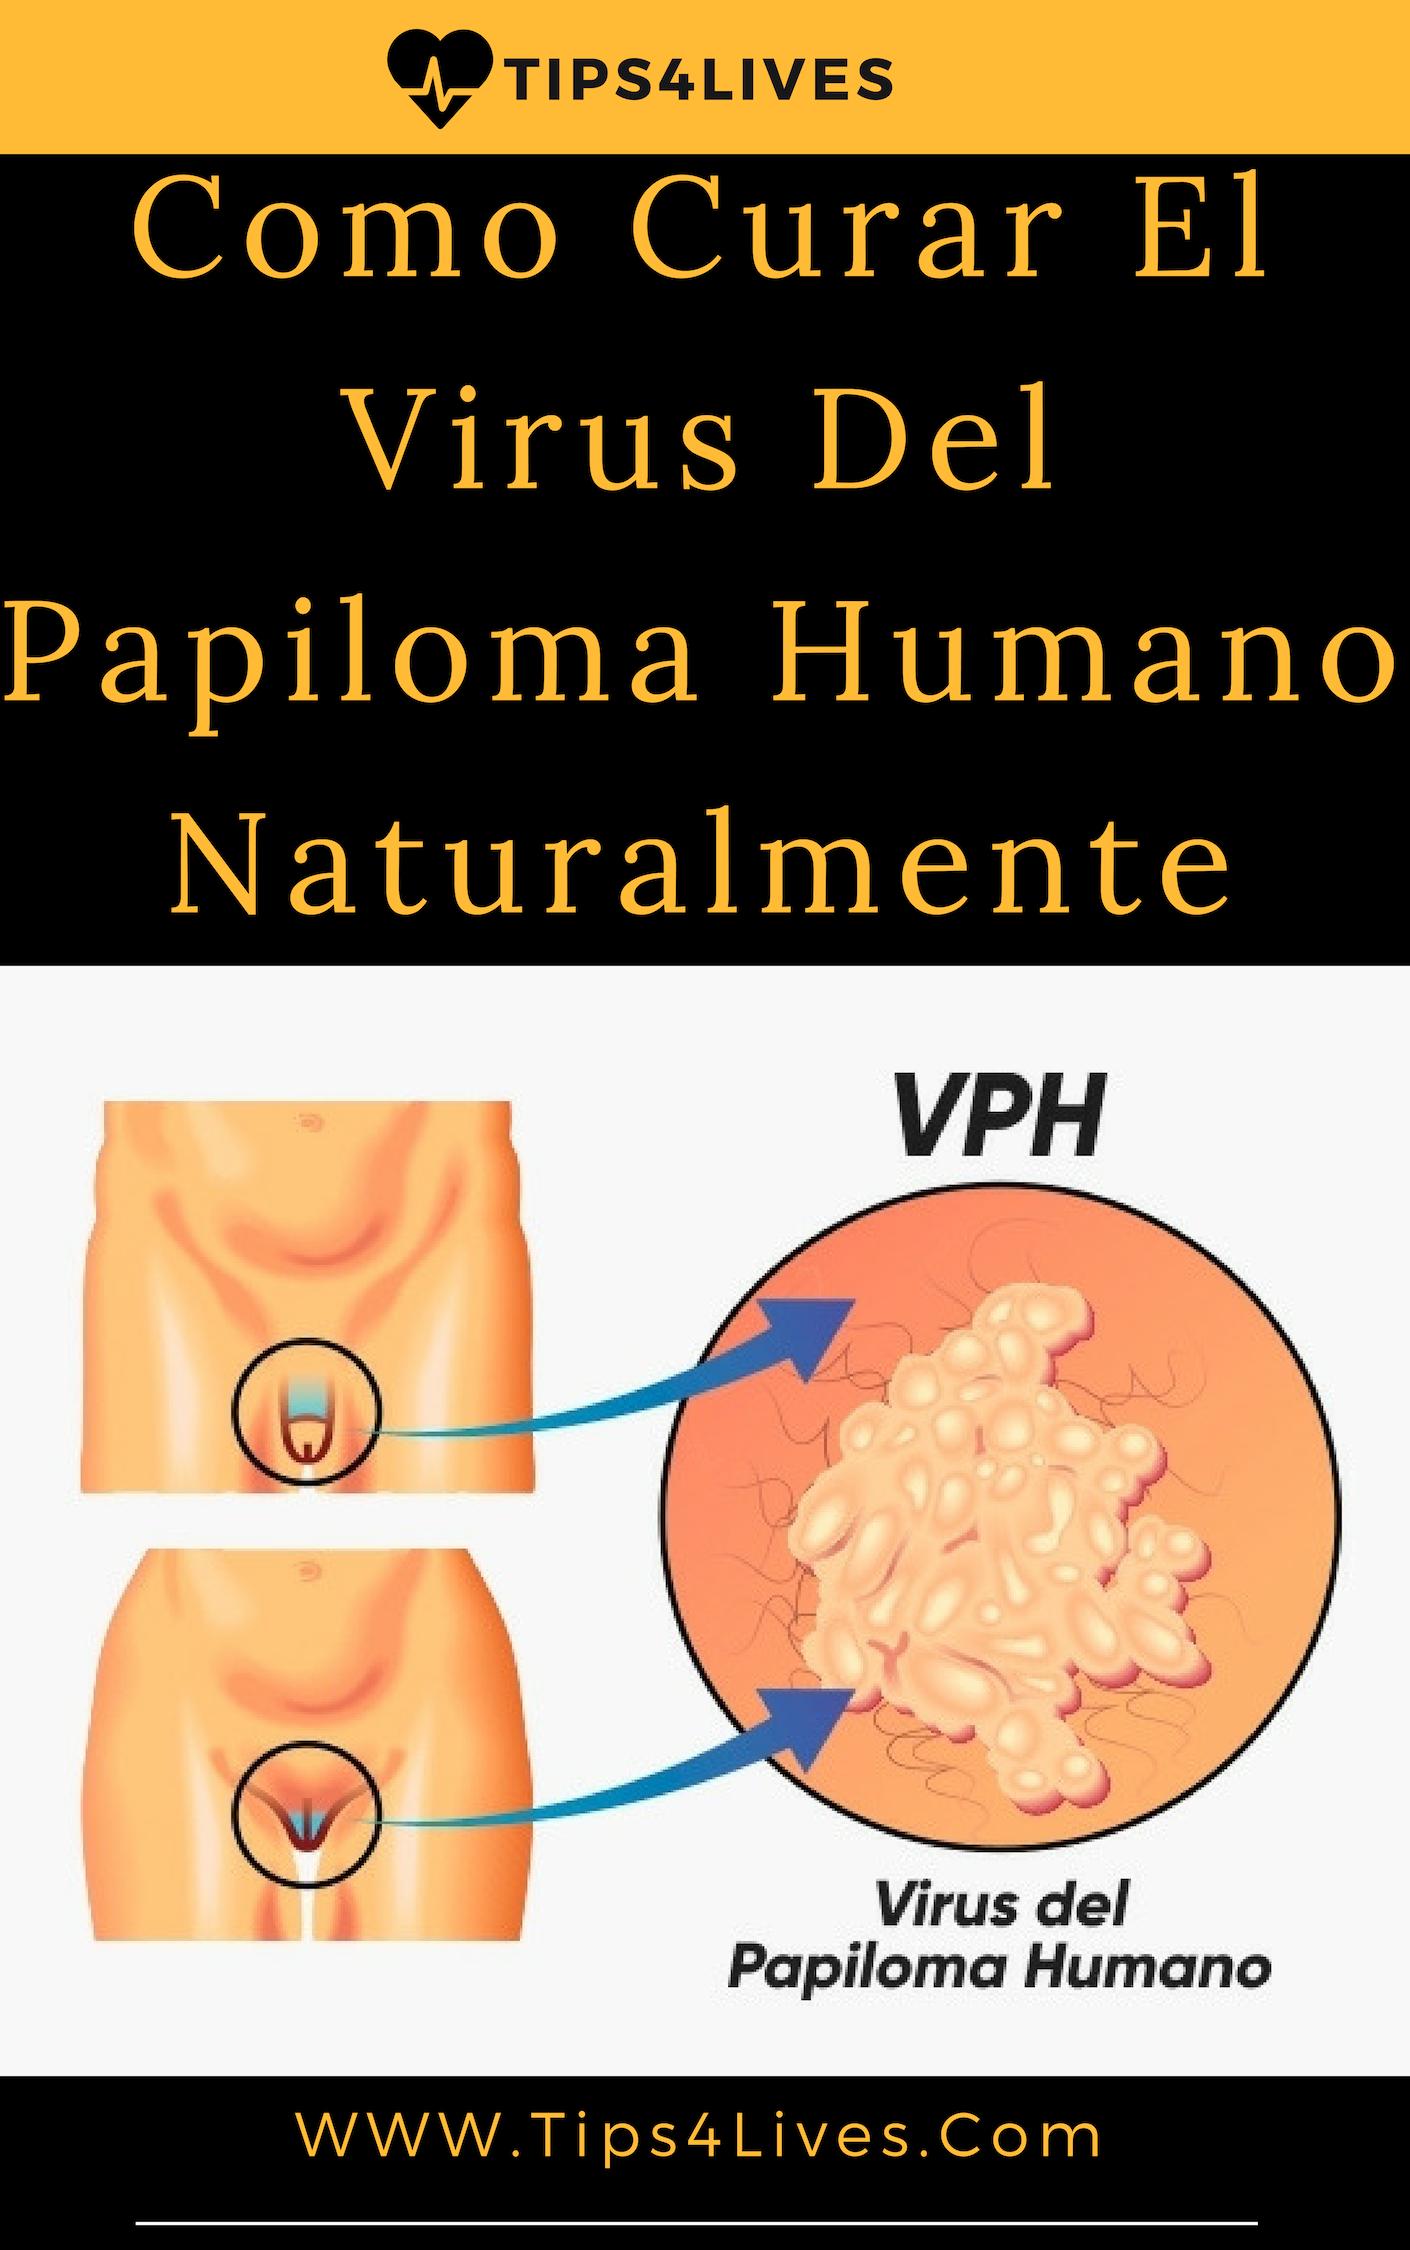 el virus del papiloma humano que causa peste cu paraziti